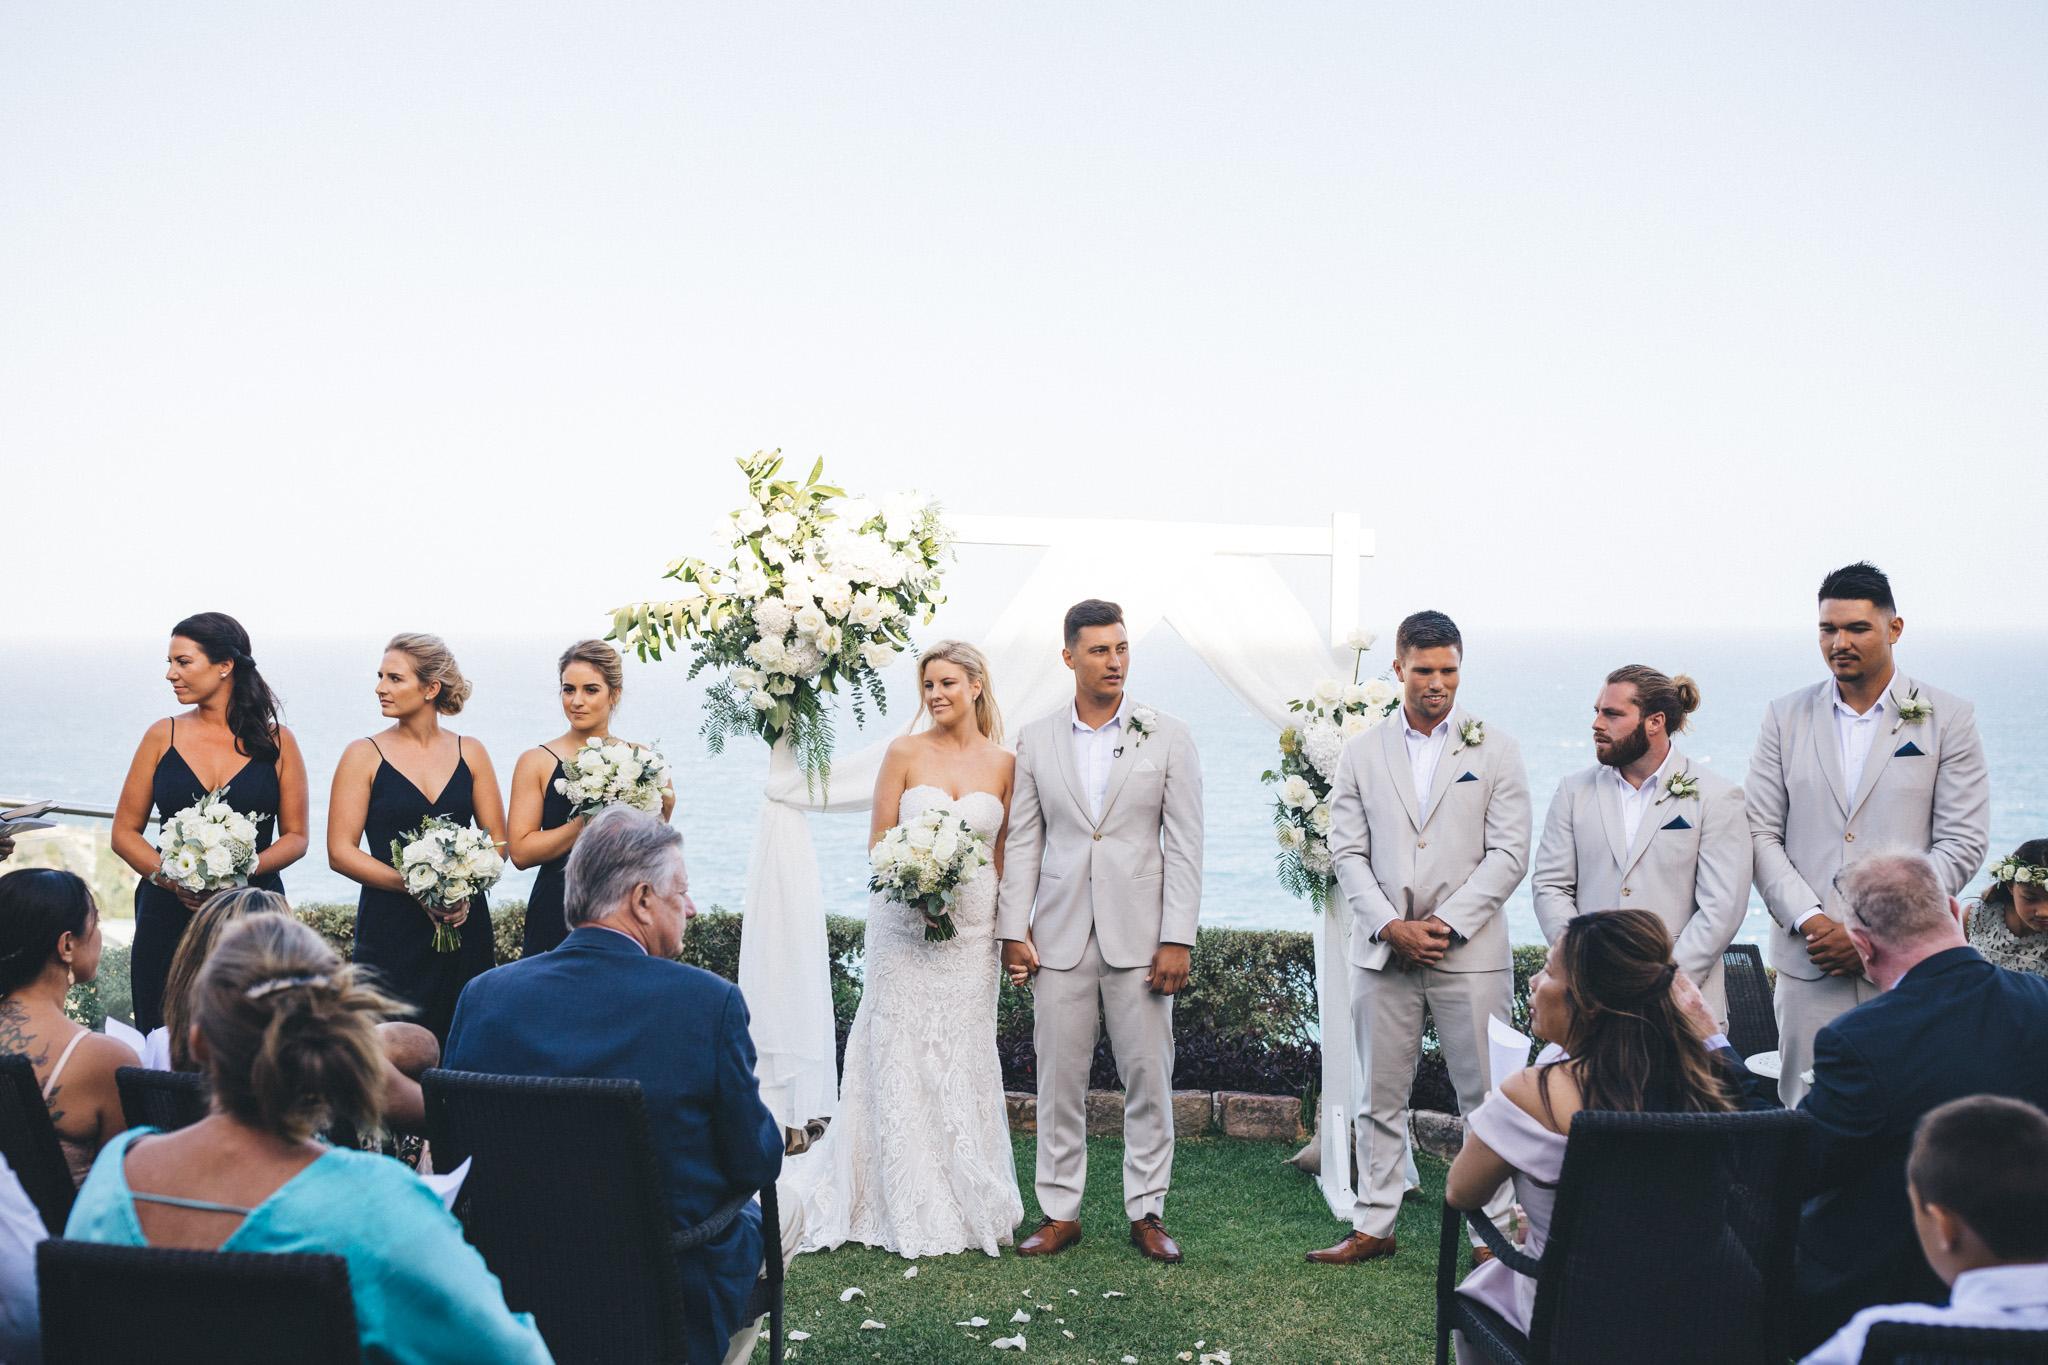 Ann-Marie-Yuen-Photography-Whale-Beach-Wedding-0119.jpg